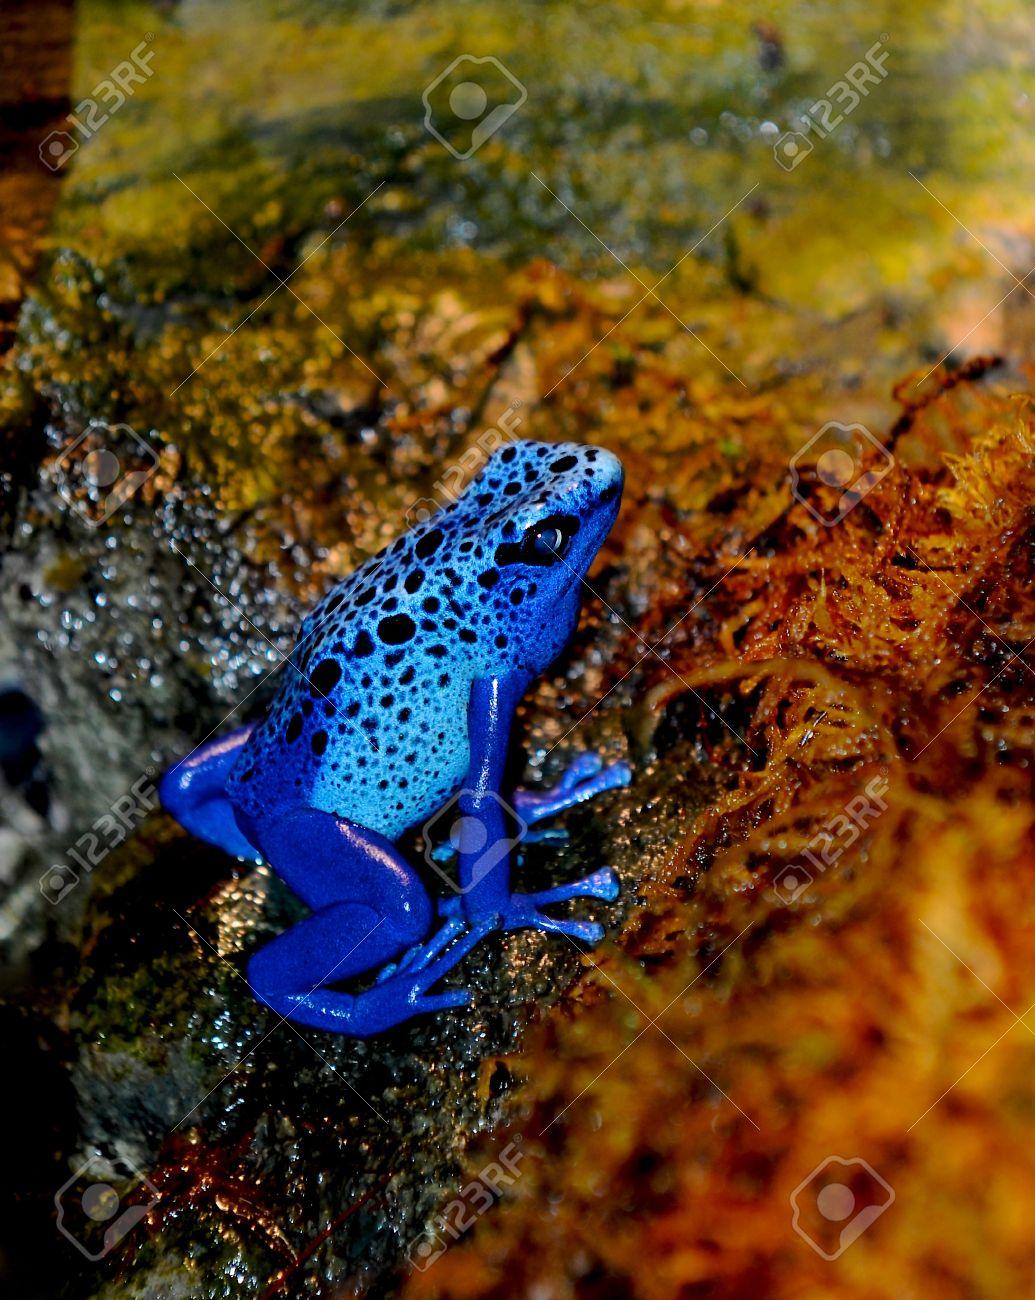 Blue Poison Dart Frog (Dendrobates azureus). Stock Photo - 12866582